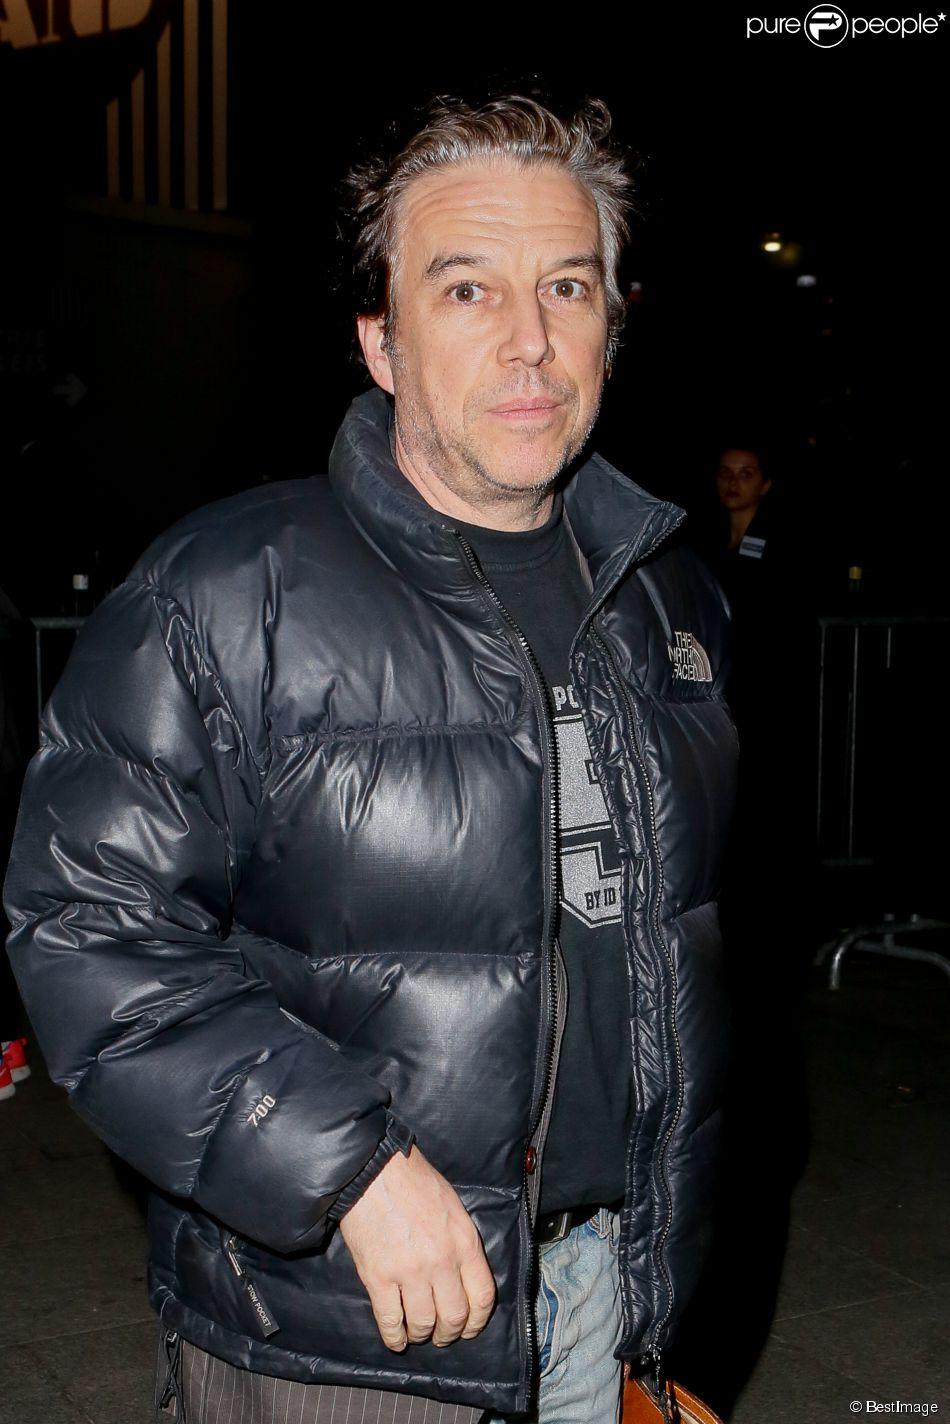 Exclusif - Philippe Vandel au Palais des Sports à Paris le 31 octobre 2014.